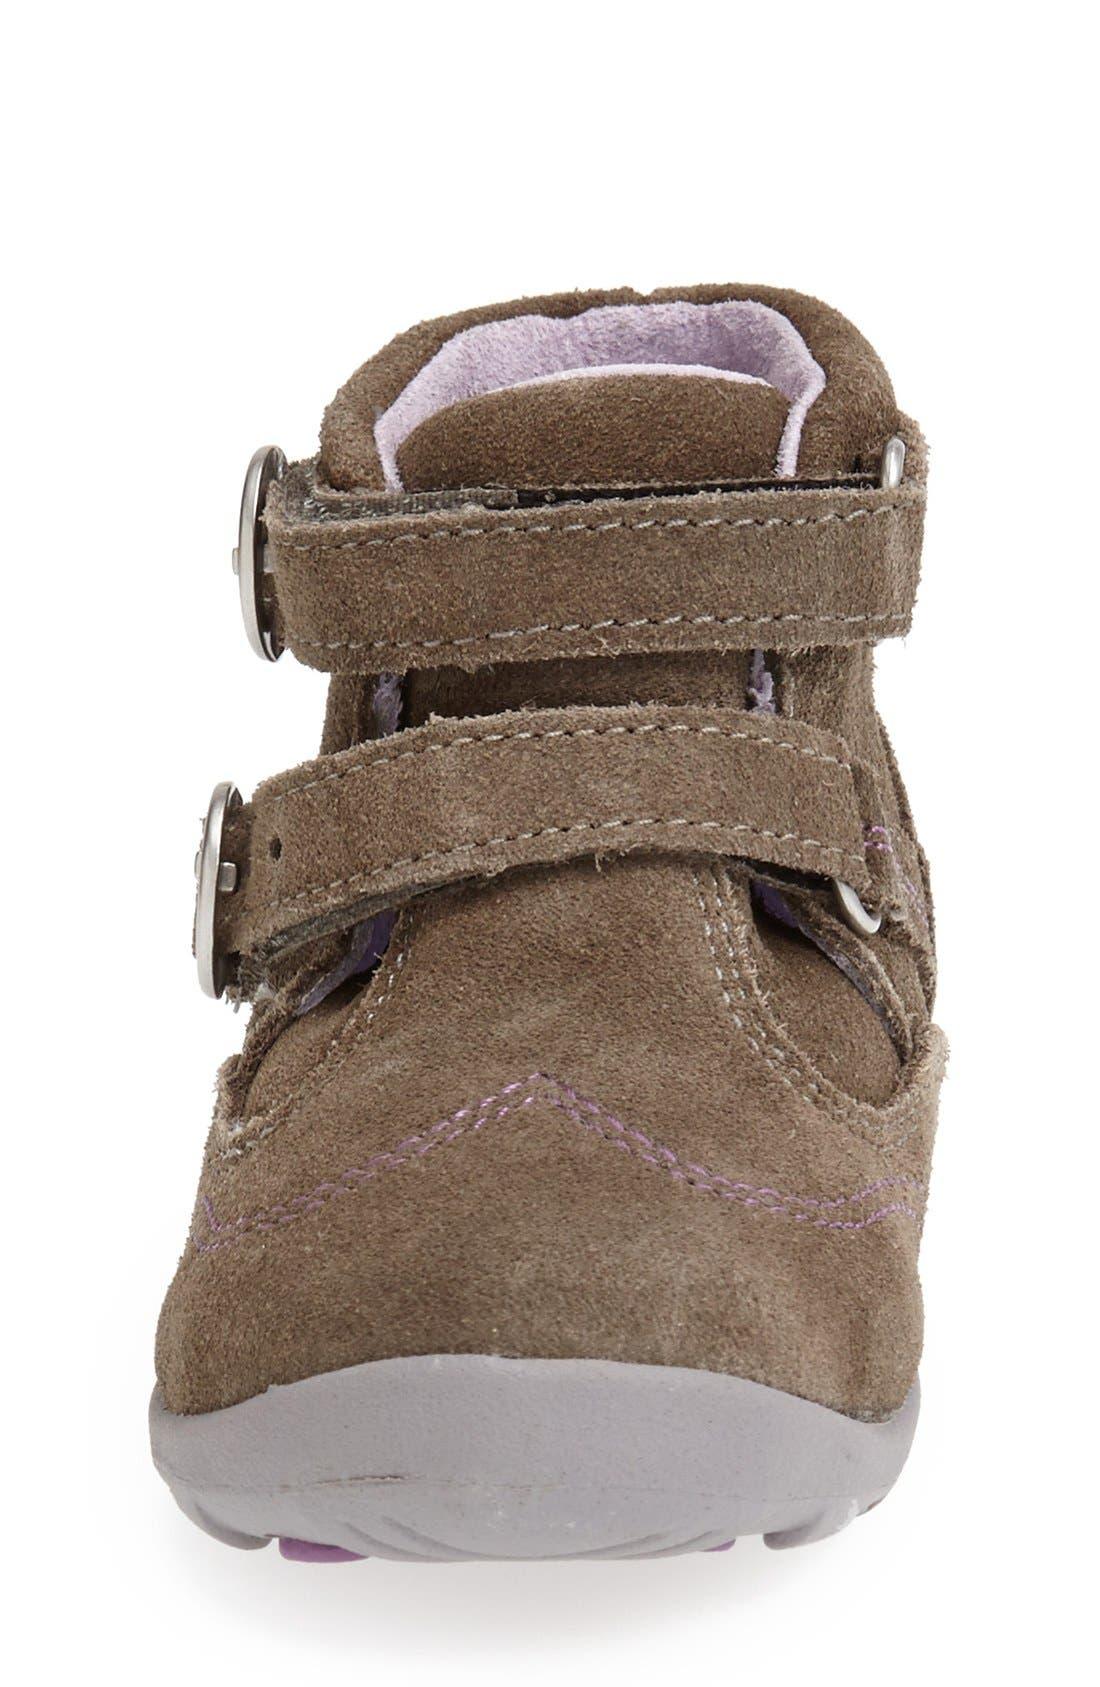 Alternate Image 3  - Stride Rite 'SRT Gisella' Boot (Baby & Walker)